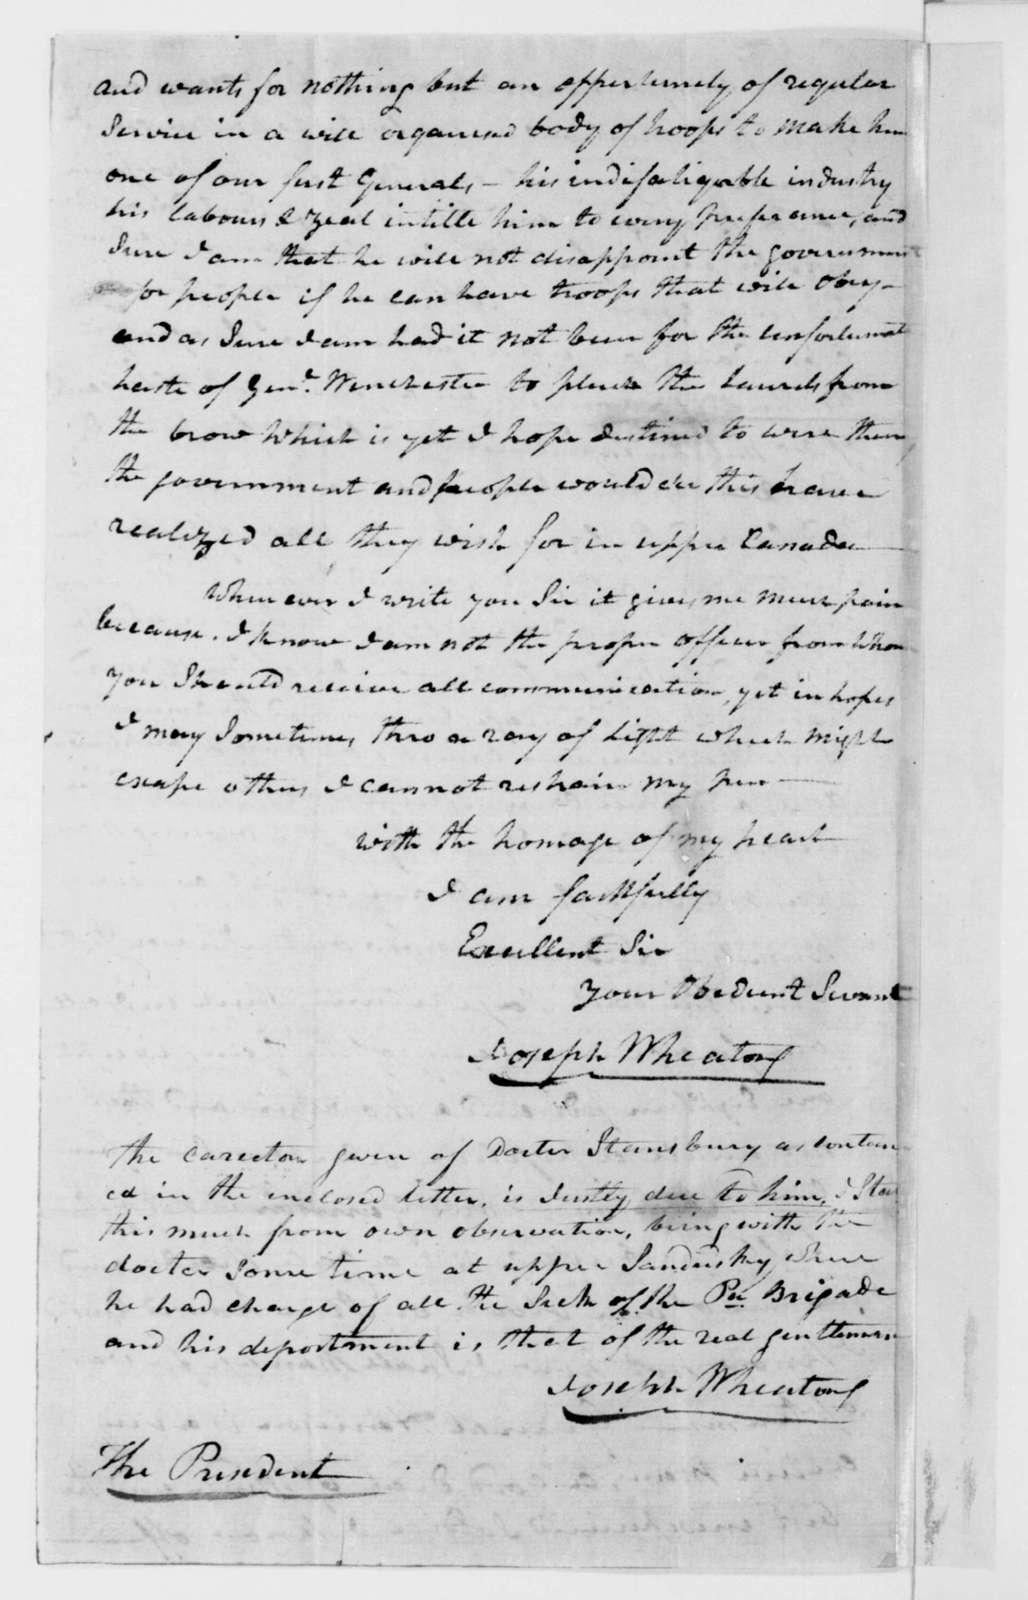 Joseph Wheaton to James Madison, March 12, 1813.